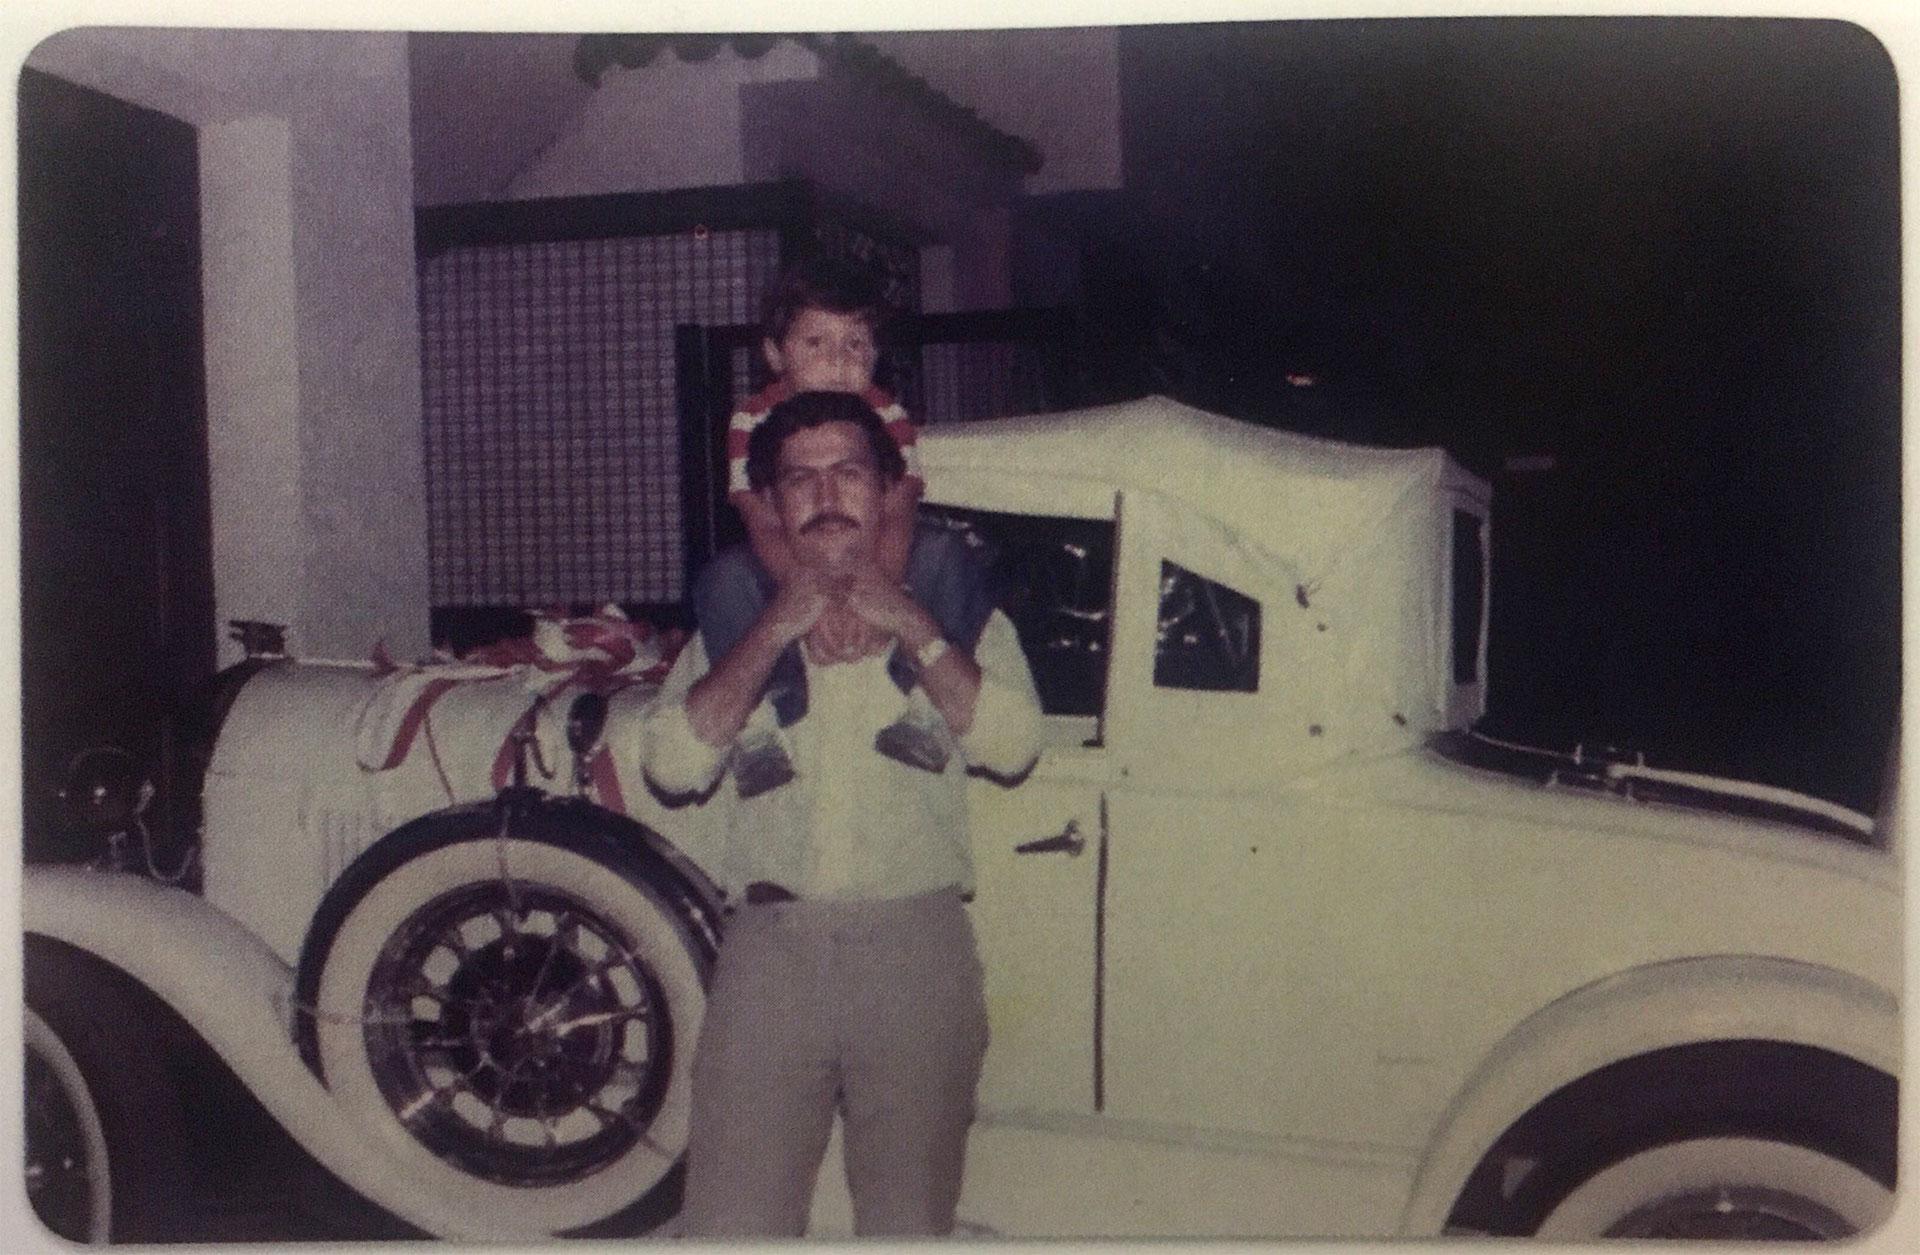 1979. Pablo Escobar sosteniendo por los hombros a su hijo Juan Pablo. Era el cumpleaños número 30 del capo narco y Victoria Henao había decidido regalarle el automóvil antiguo que está detrás suyo (Victoria Eugenia Henao / Editorial Planeta)